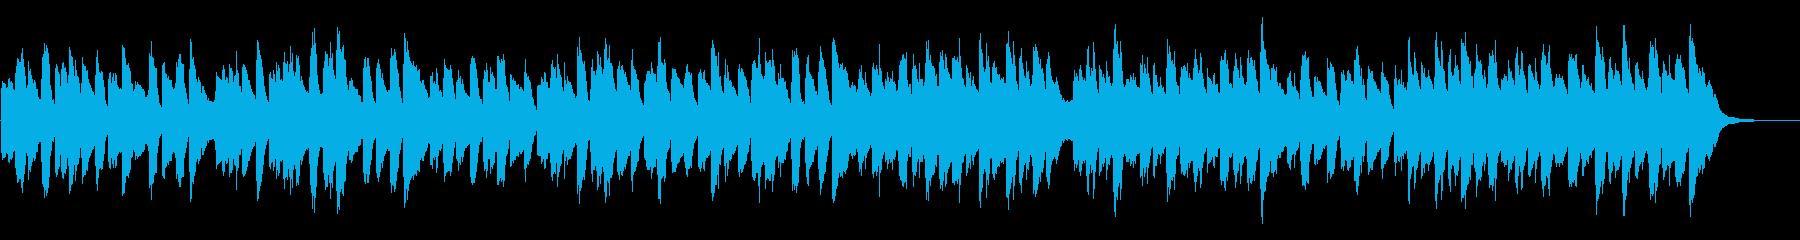 ほのぼのしたピアノショートBGMの再生済みの波形